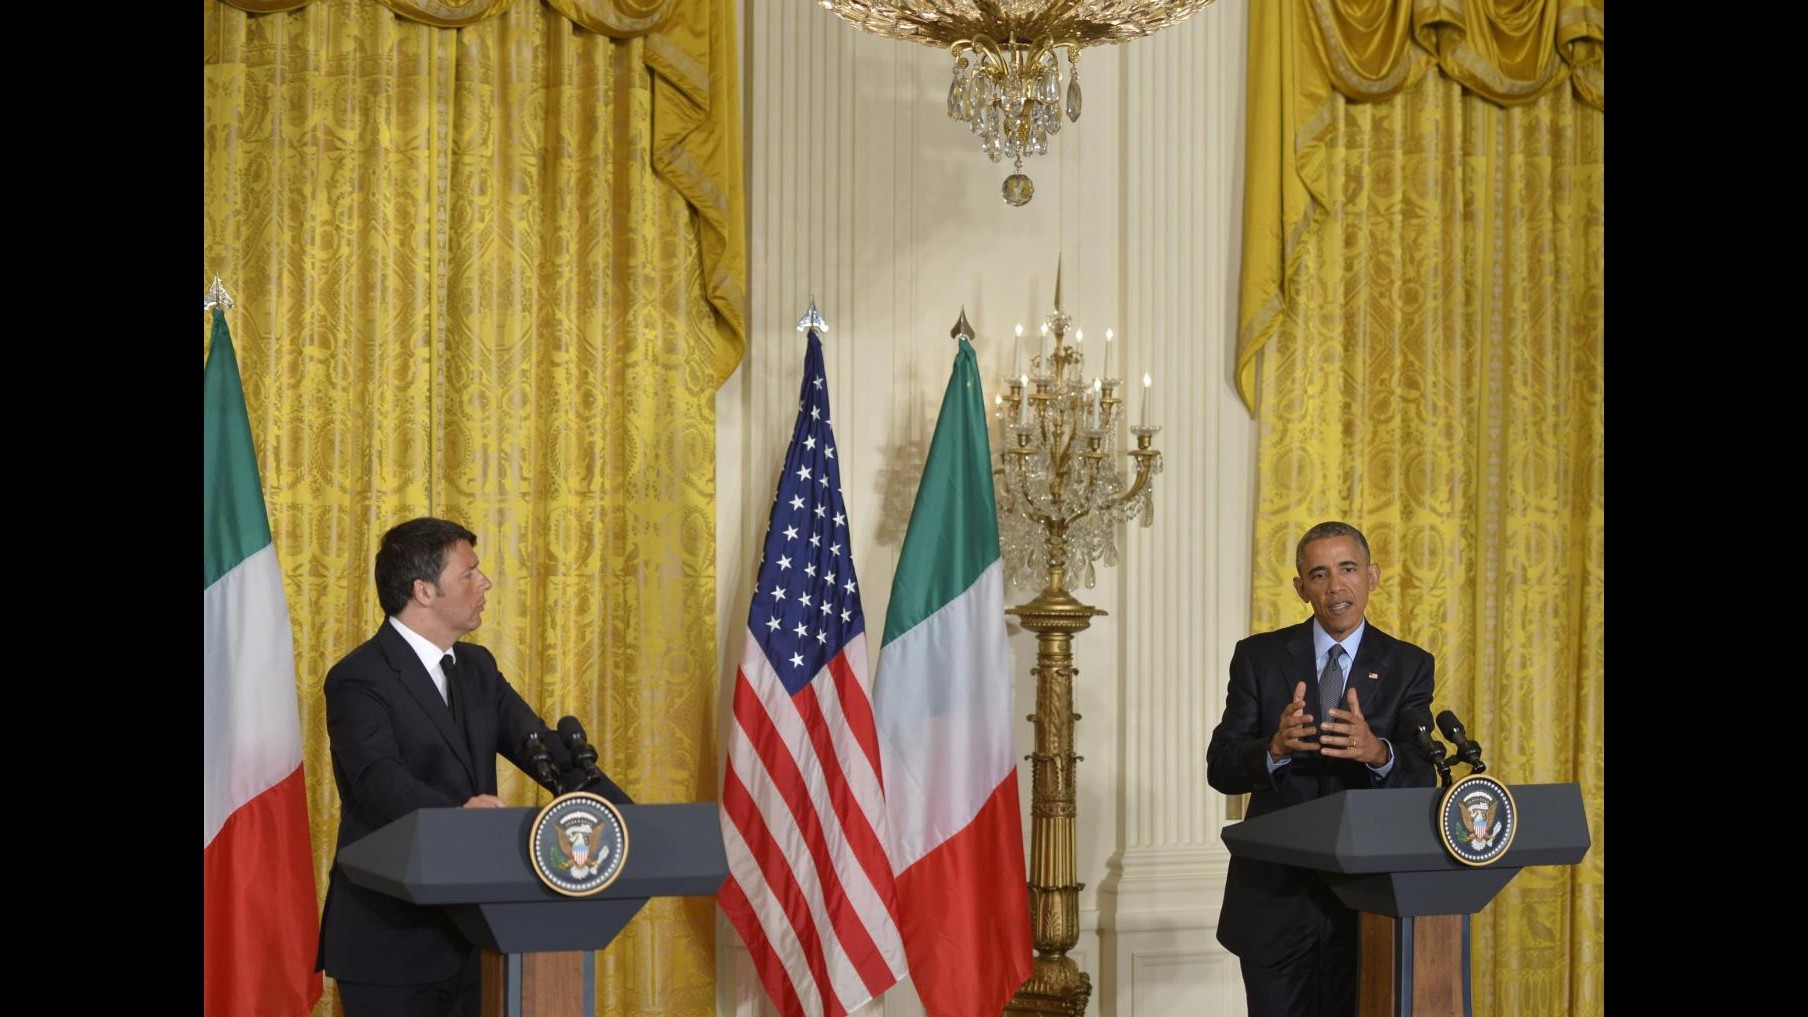 Lo Porto, il New York Times: Obama sapeva ma non lo disse a Renzi